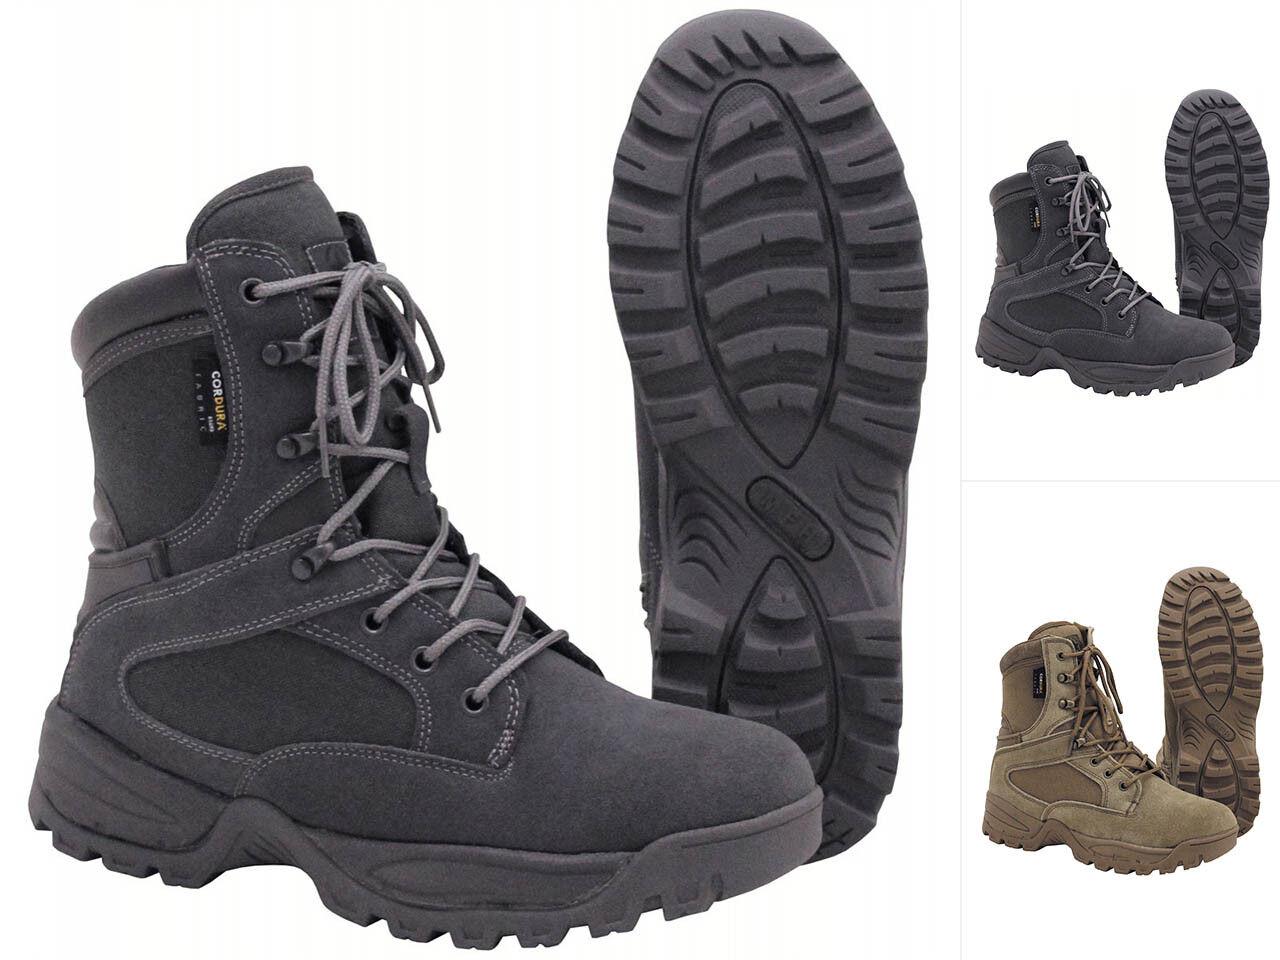 MFH Scarponcini Stivali missione 39-47 GRIGIO Coyote Scarponcini MFH Trekking Scarpe Outdoor Boots e42013